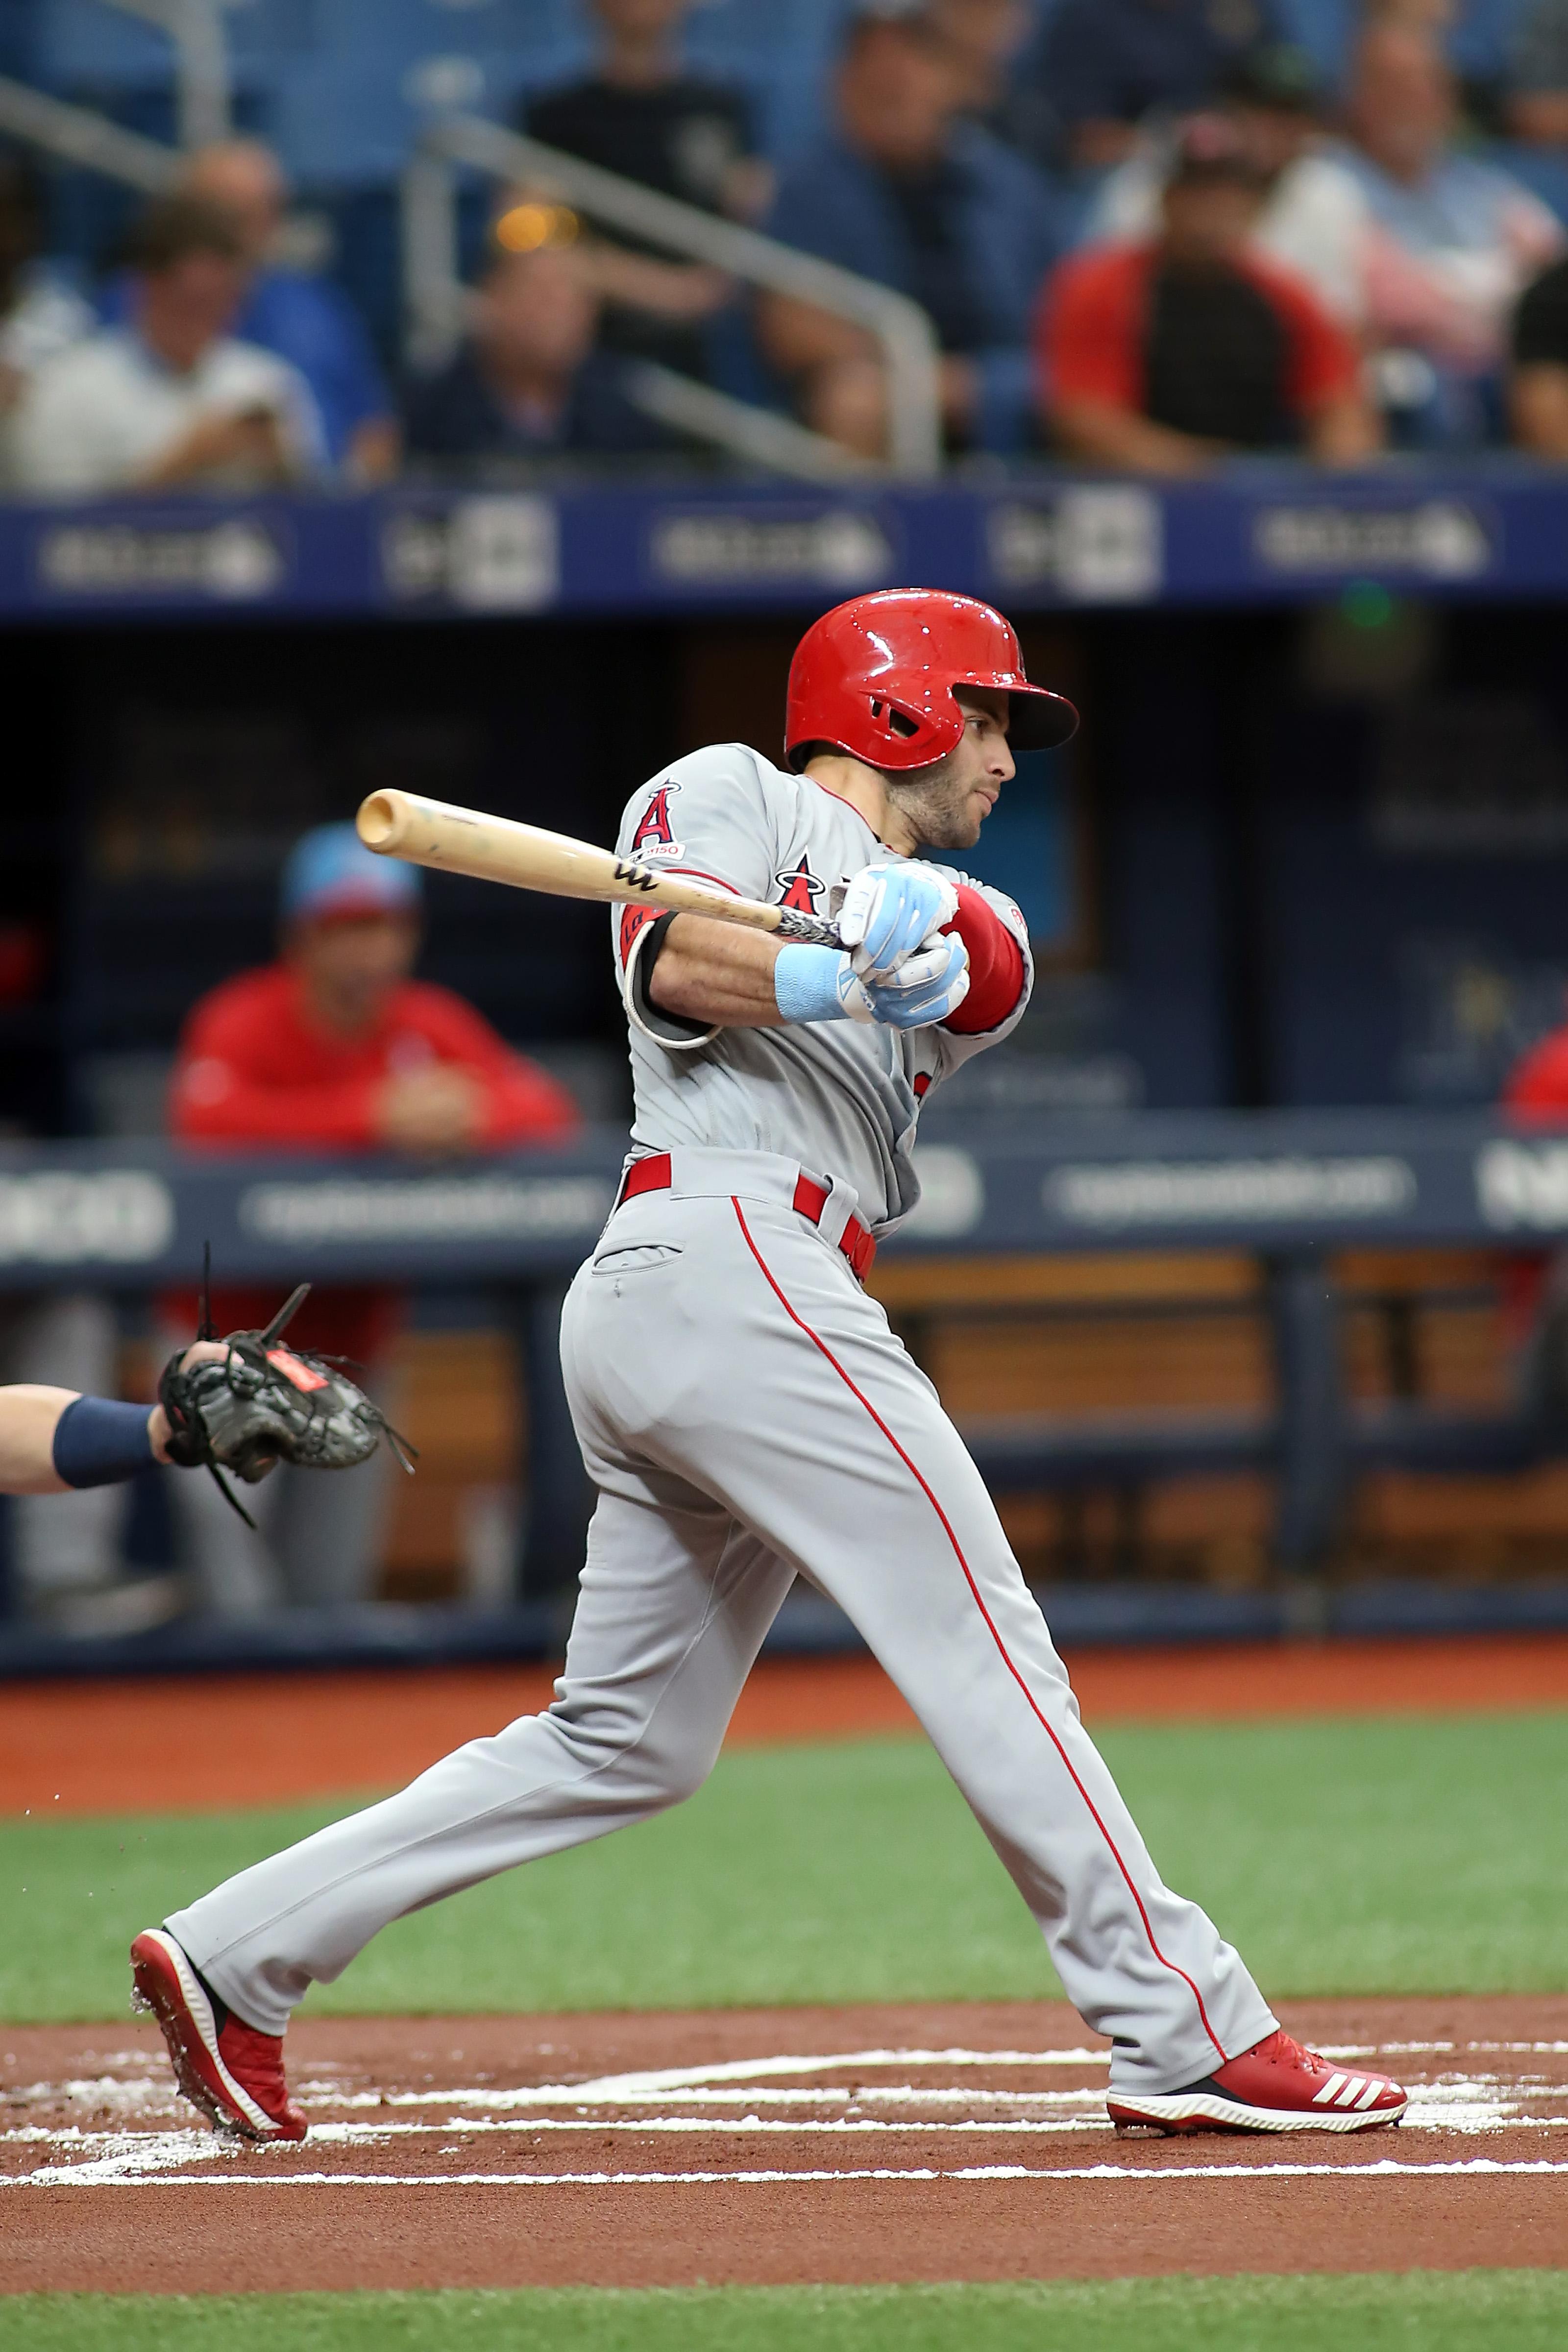 MLB: JUN 16 Angels at Rays